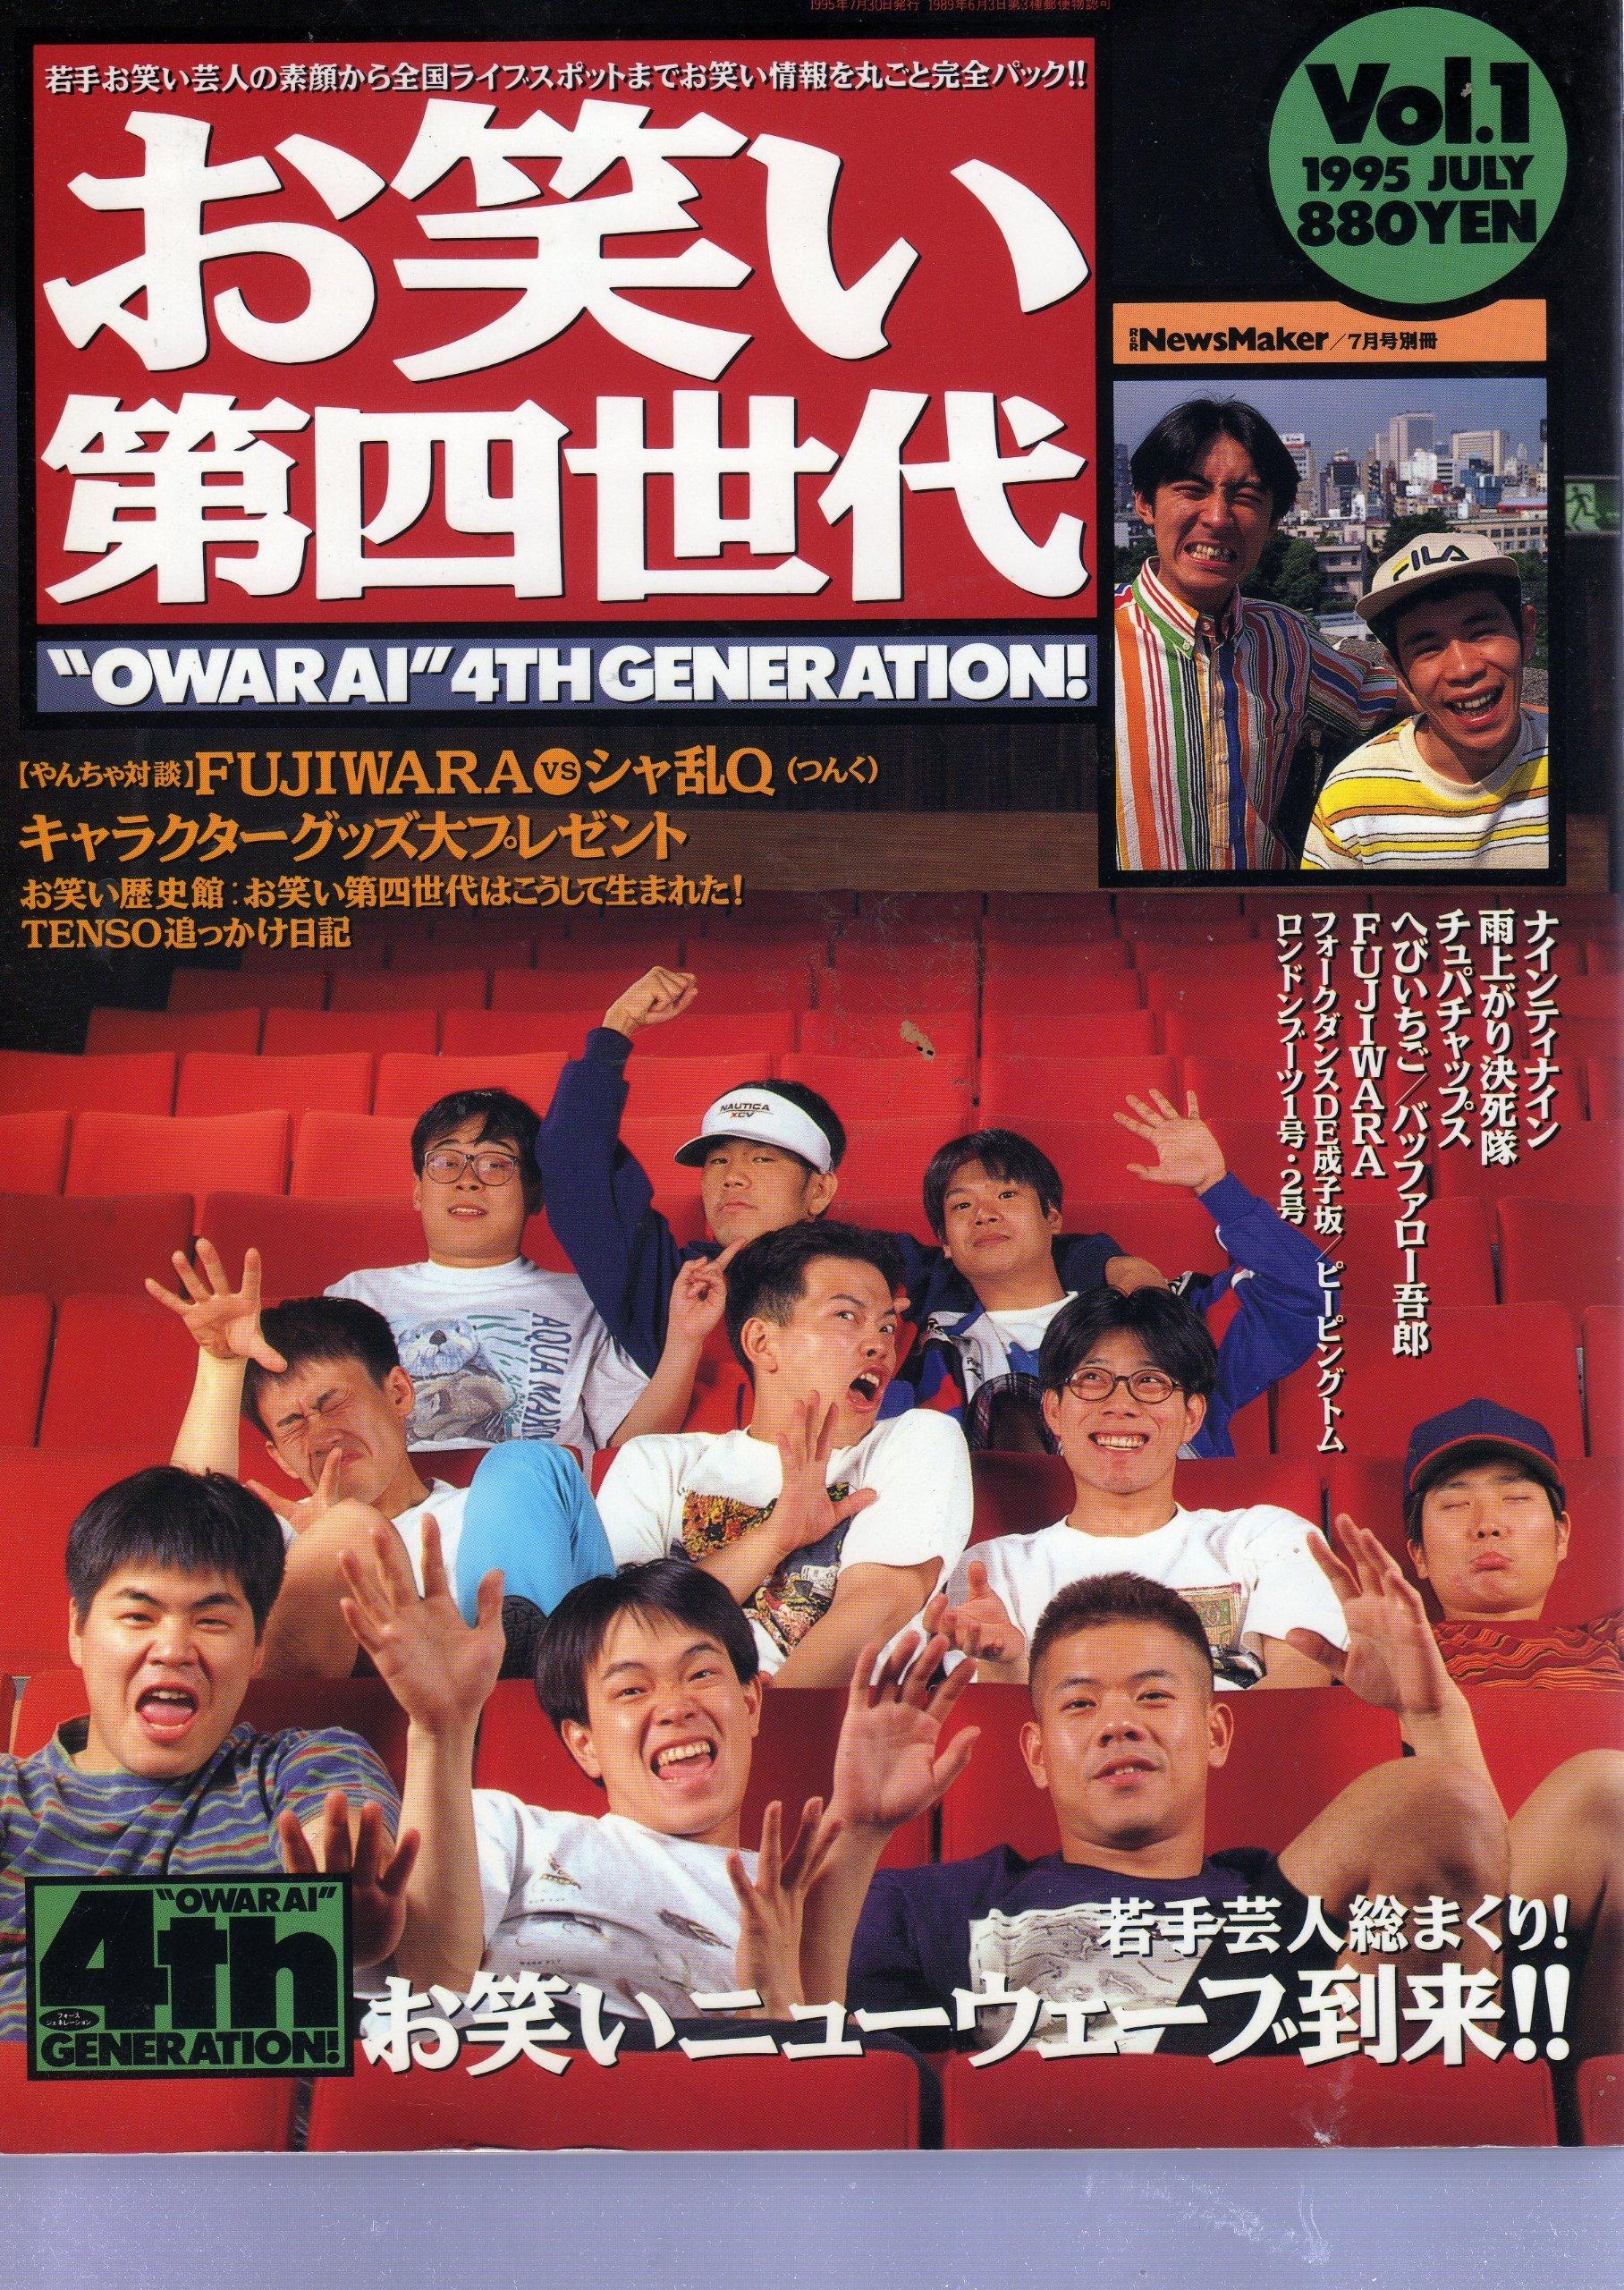 お笑い 第 一 世代 お笑い第7世代が席巻 第1世代からの歴史とそれぞれの特徴(NEWSポストセブン)